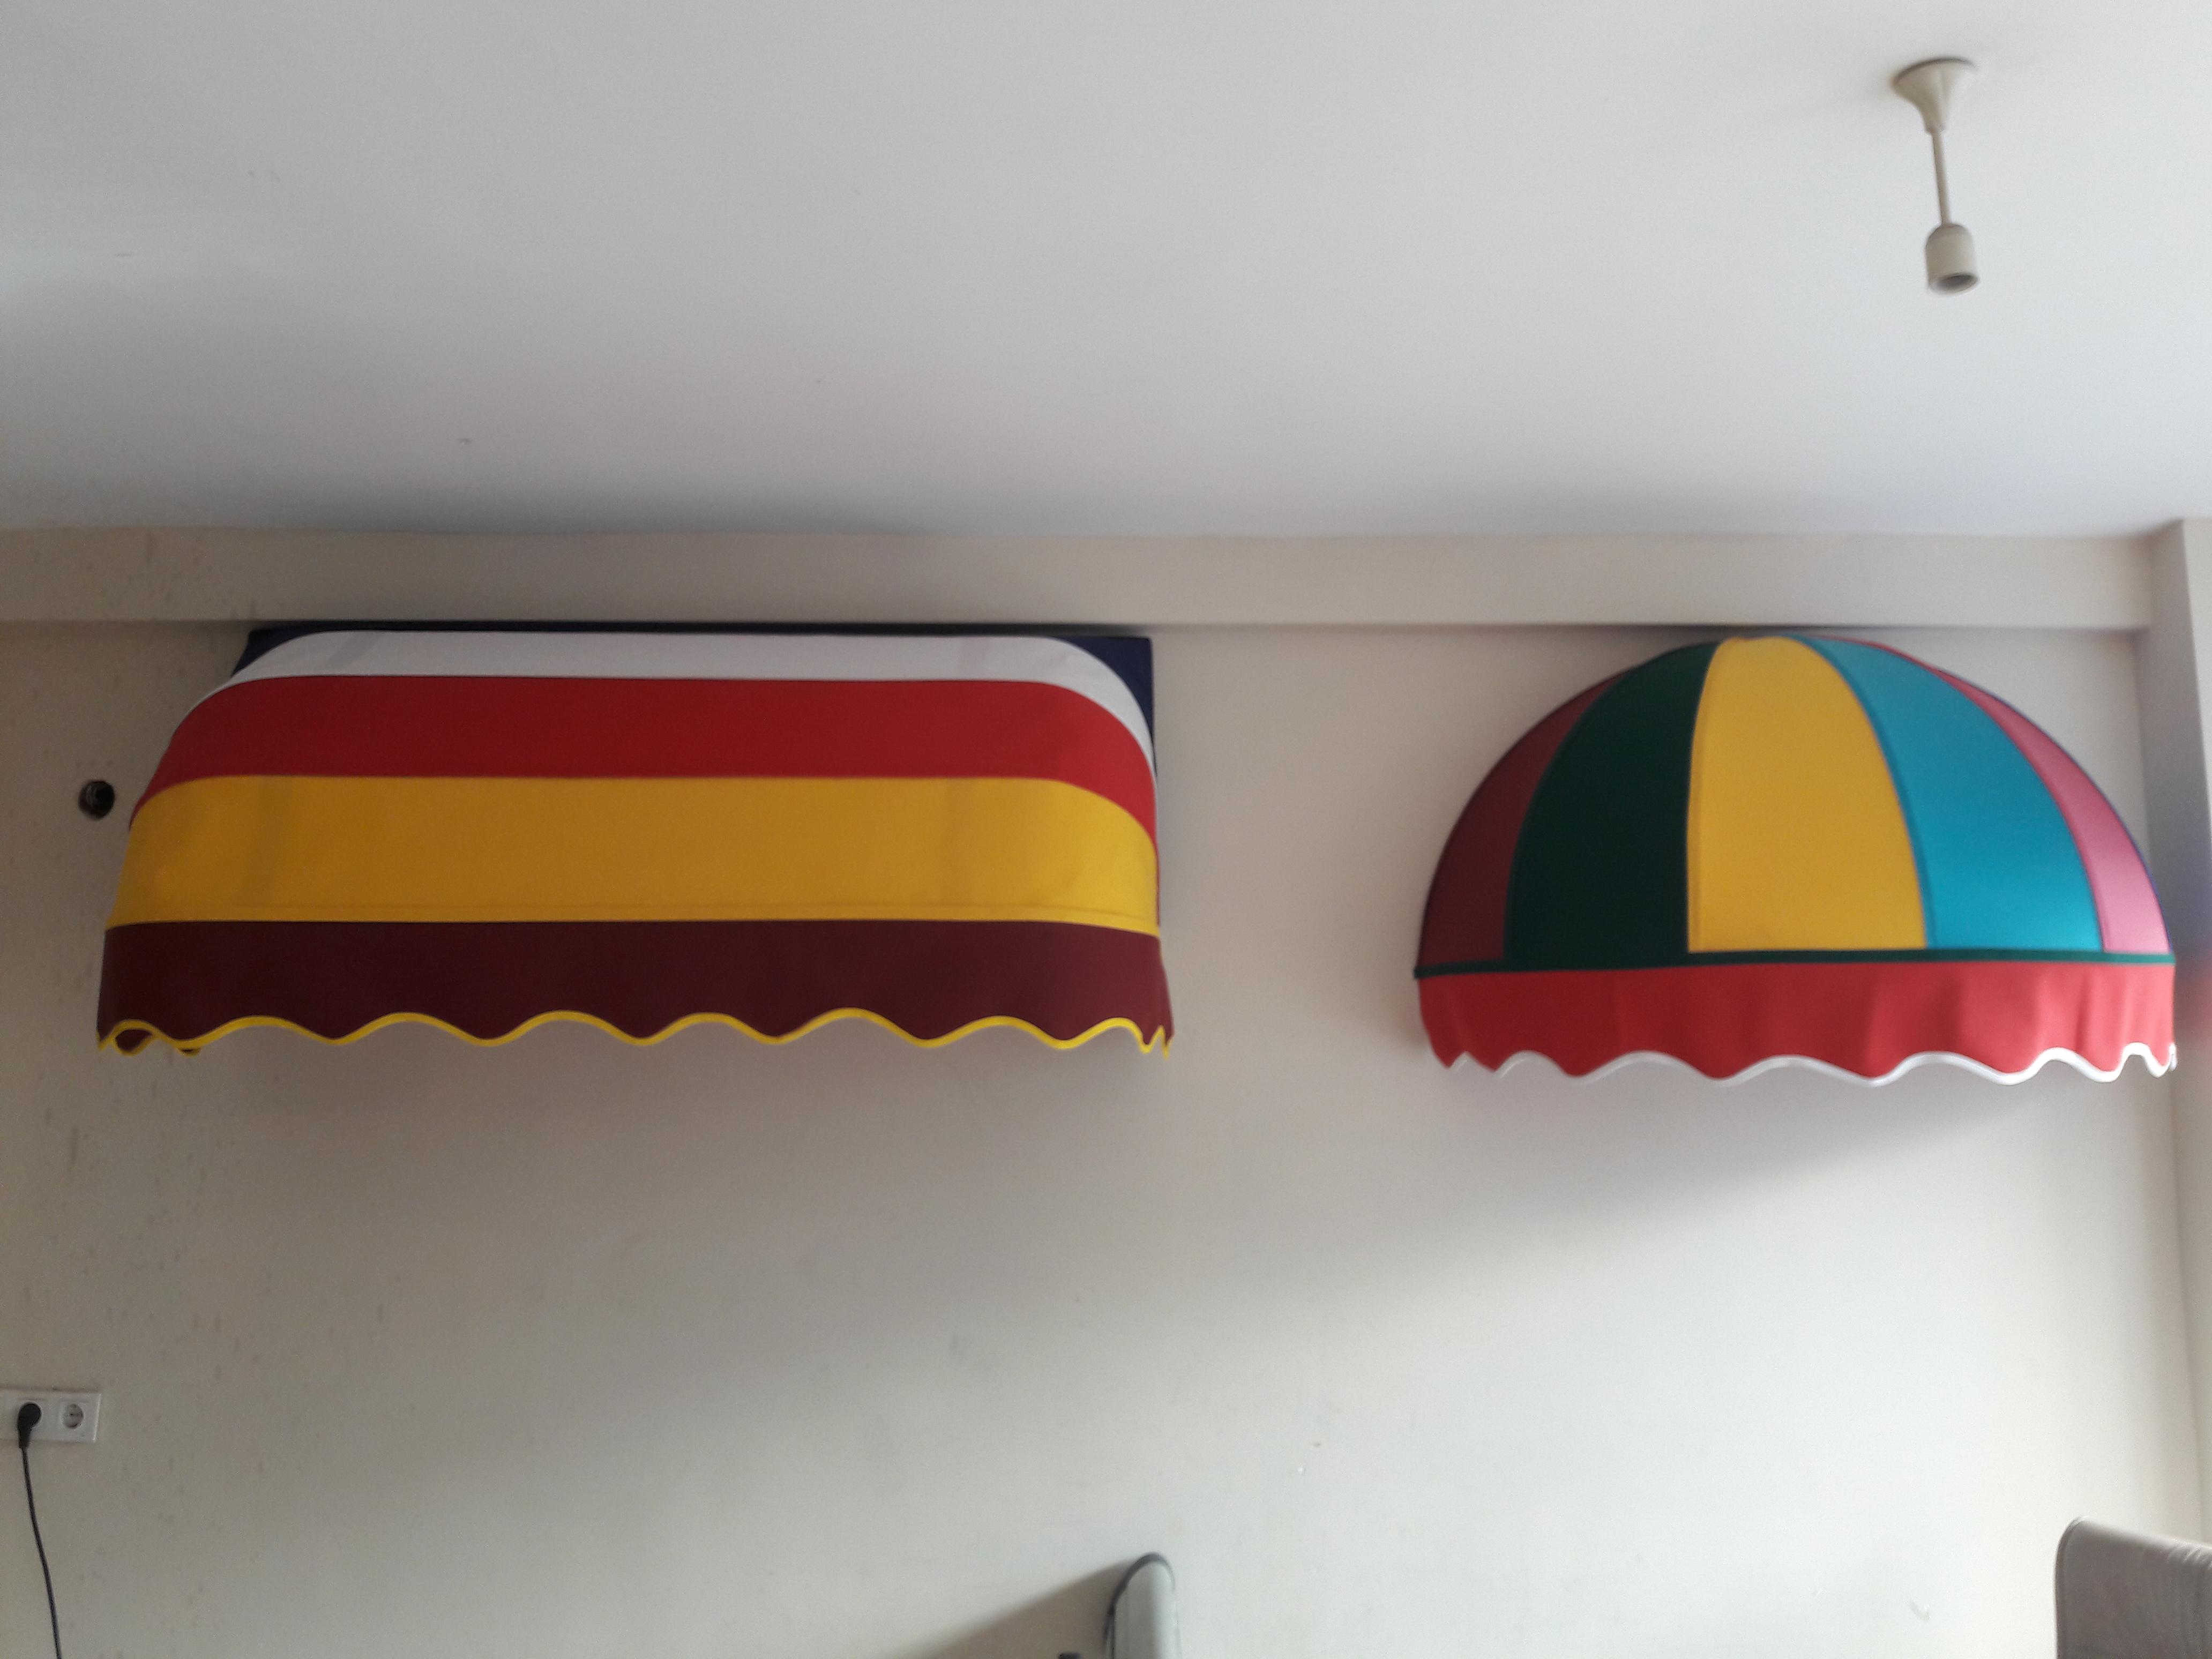 Bahçeşehir Brandacı | Tente Çadır İmalatı Kaliteli ve Uygun Fiyat – Ekvator Branda